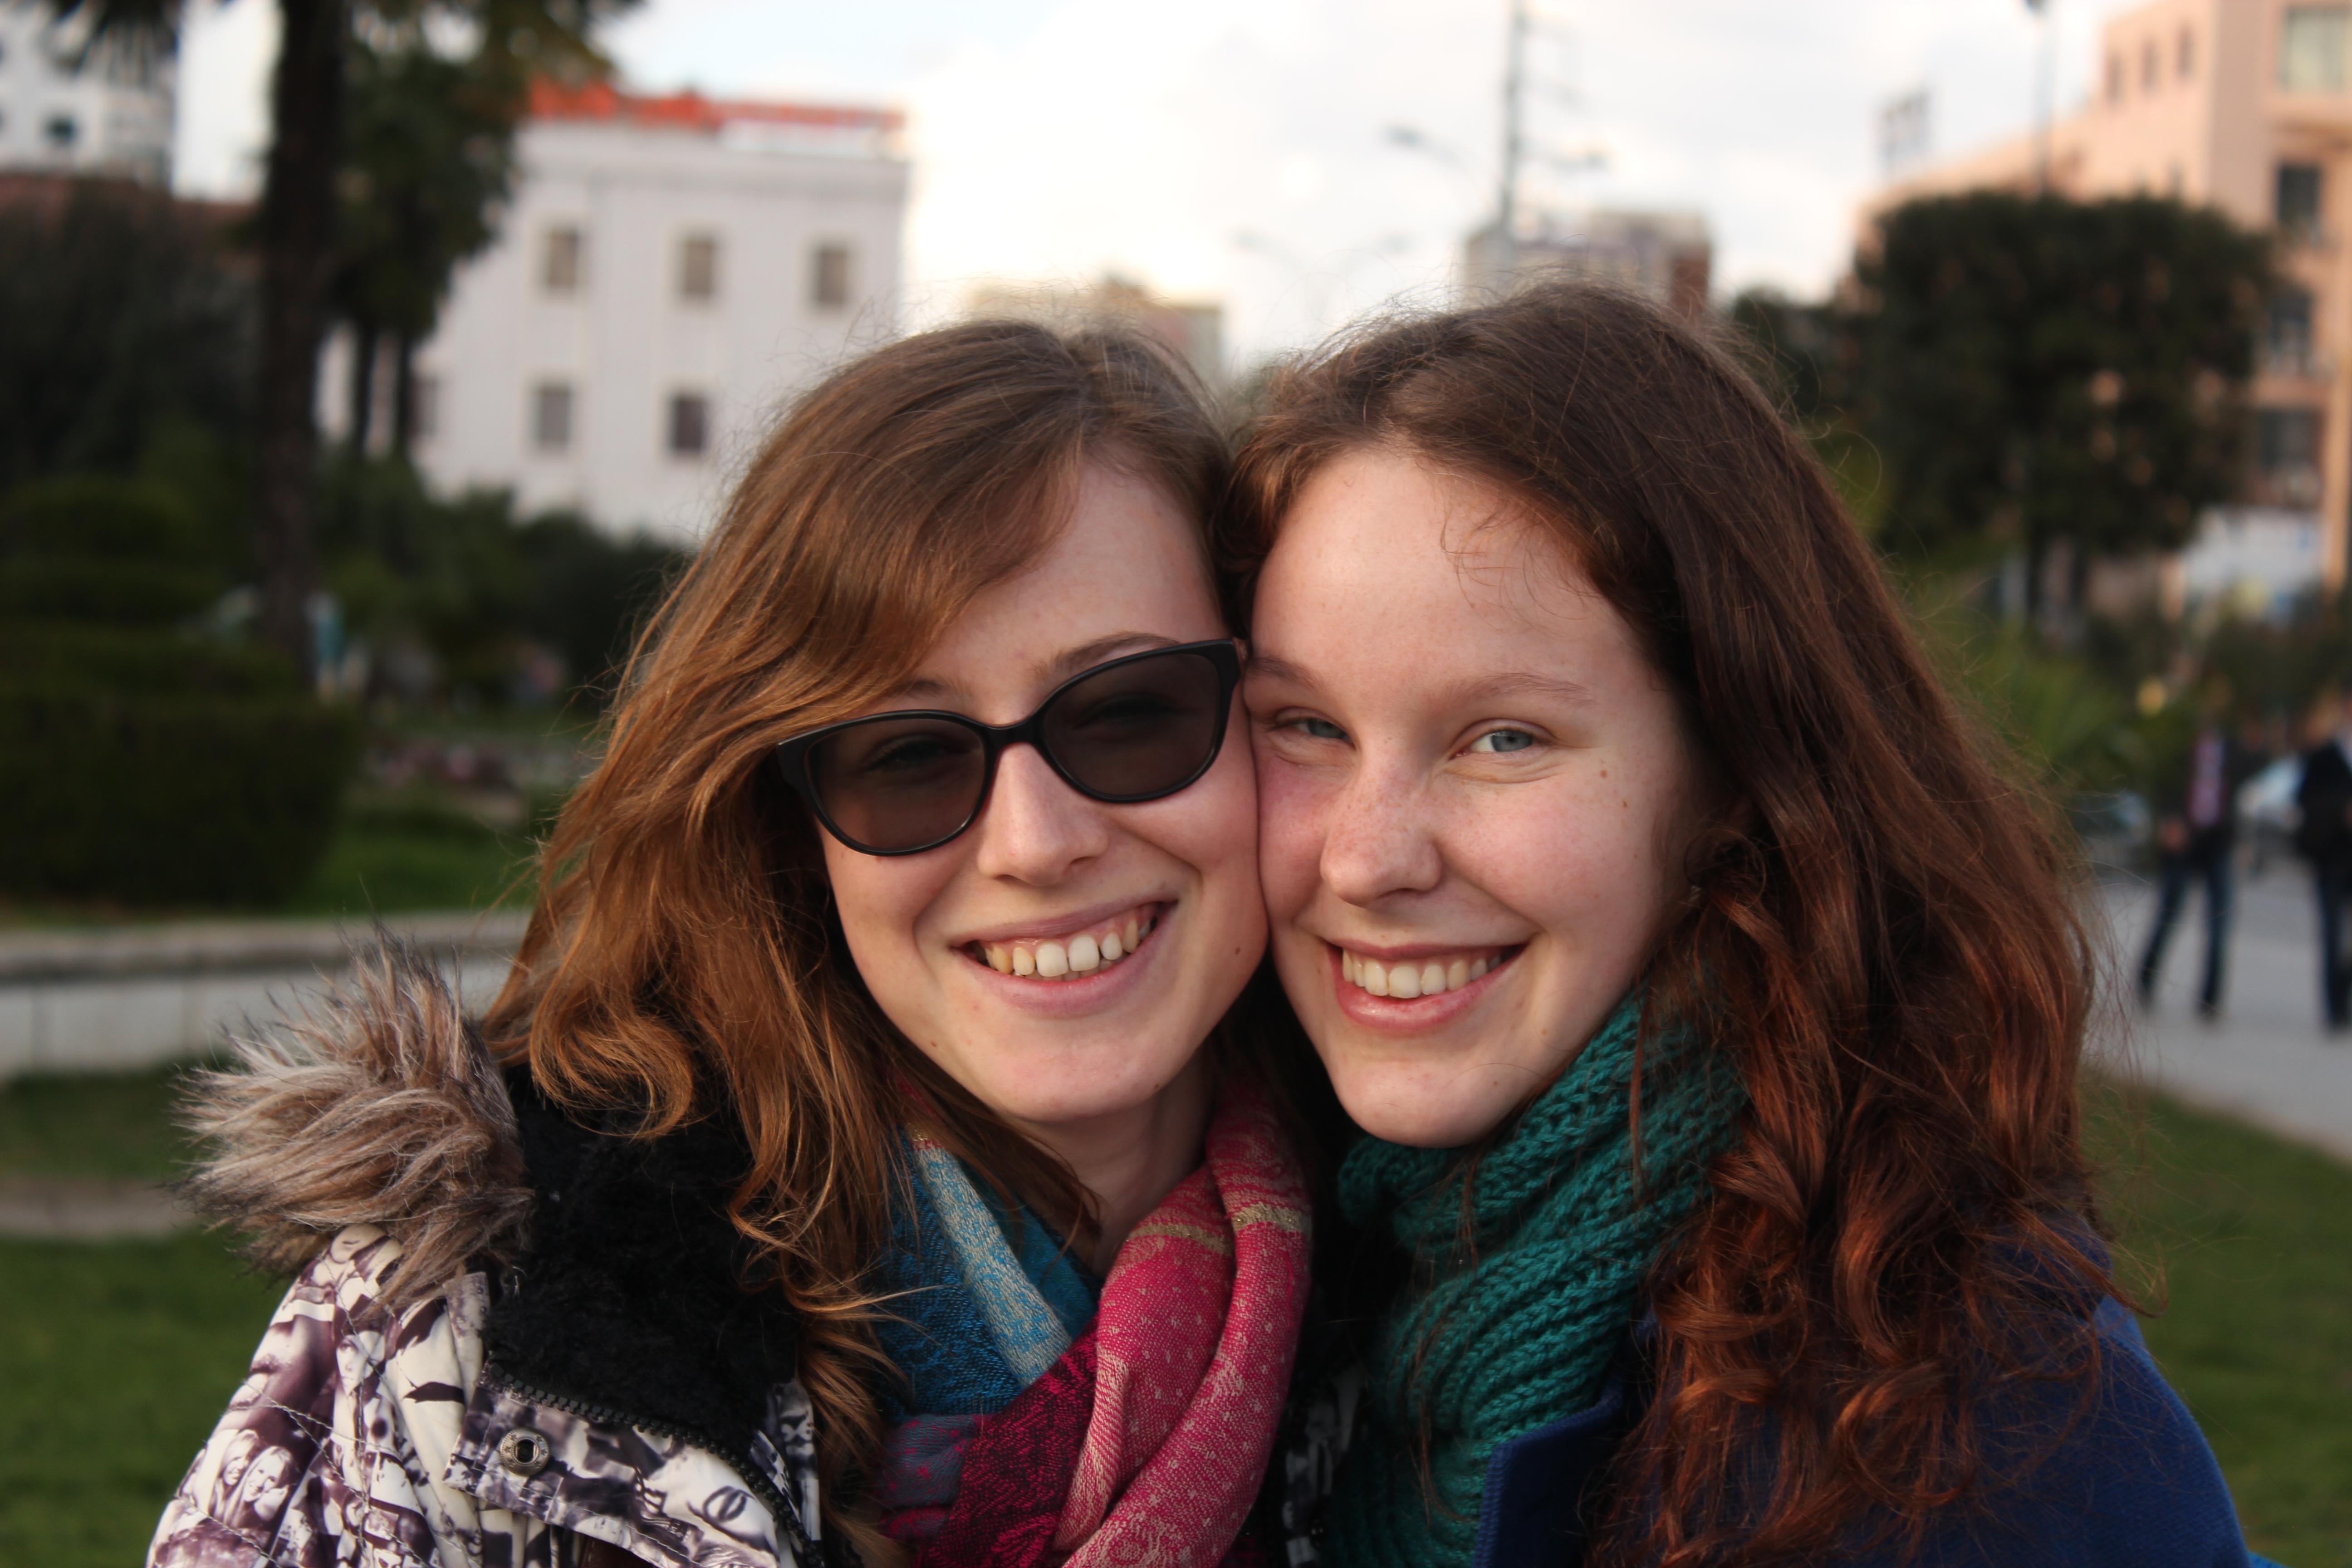 Martina & Rami; Tirana, Albania; 2013